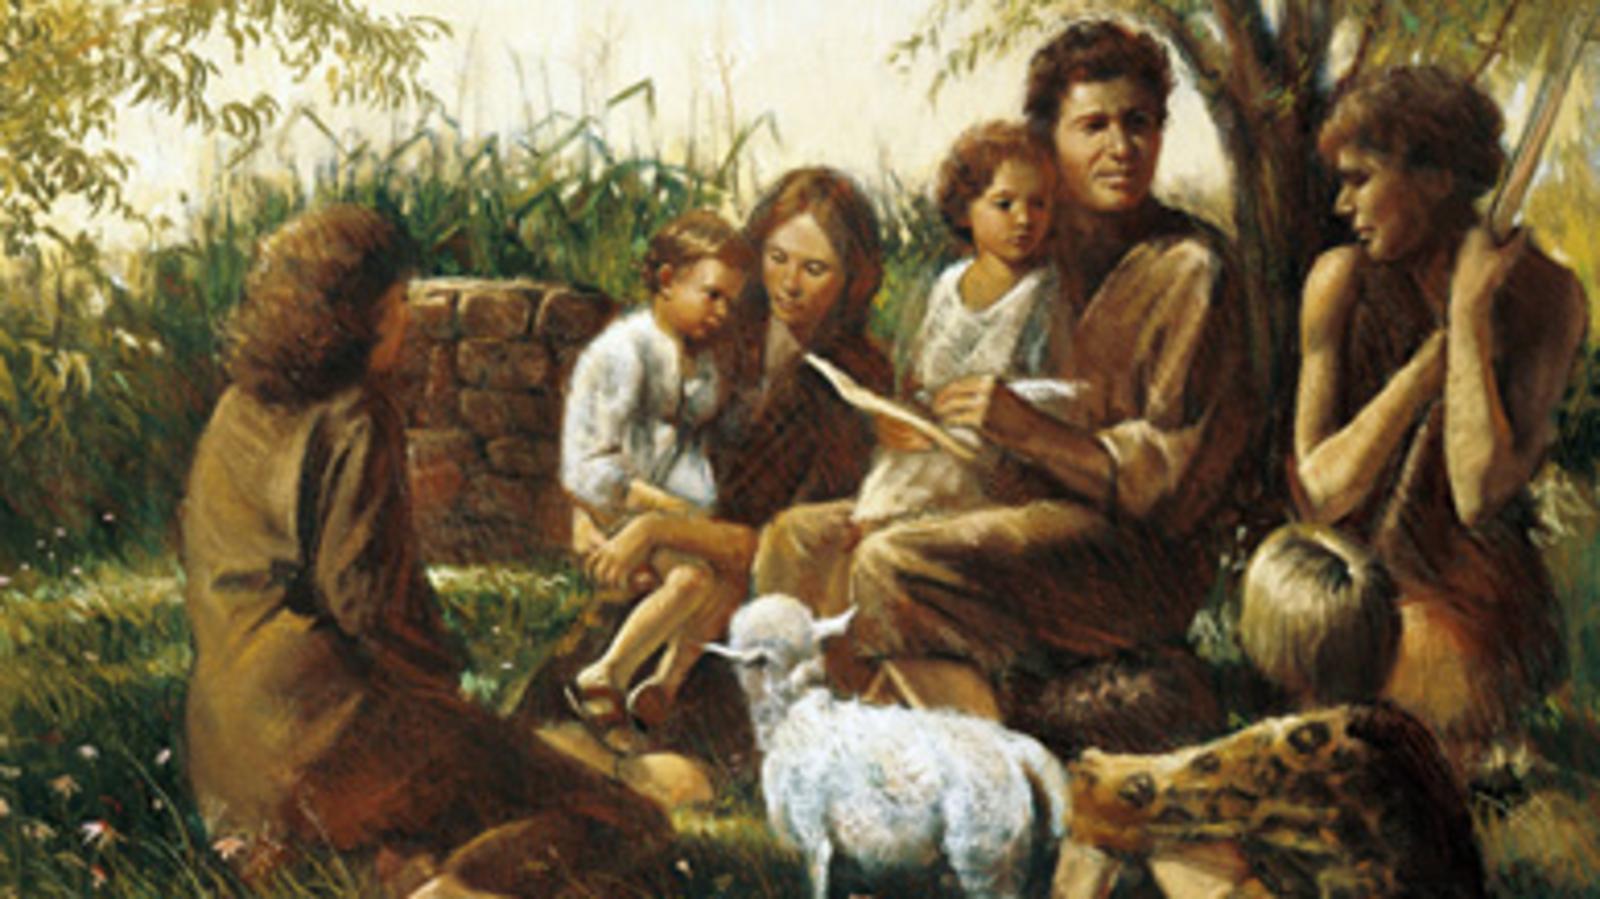 Cine este sotia lui Cain